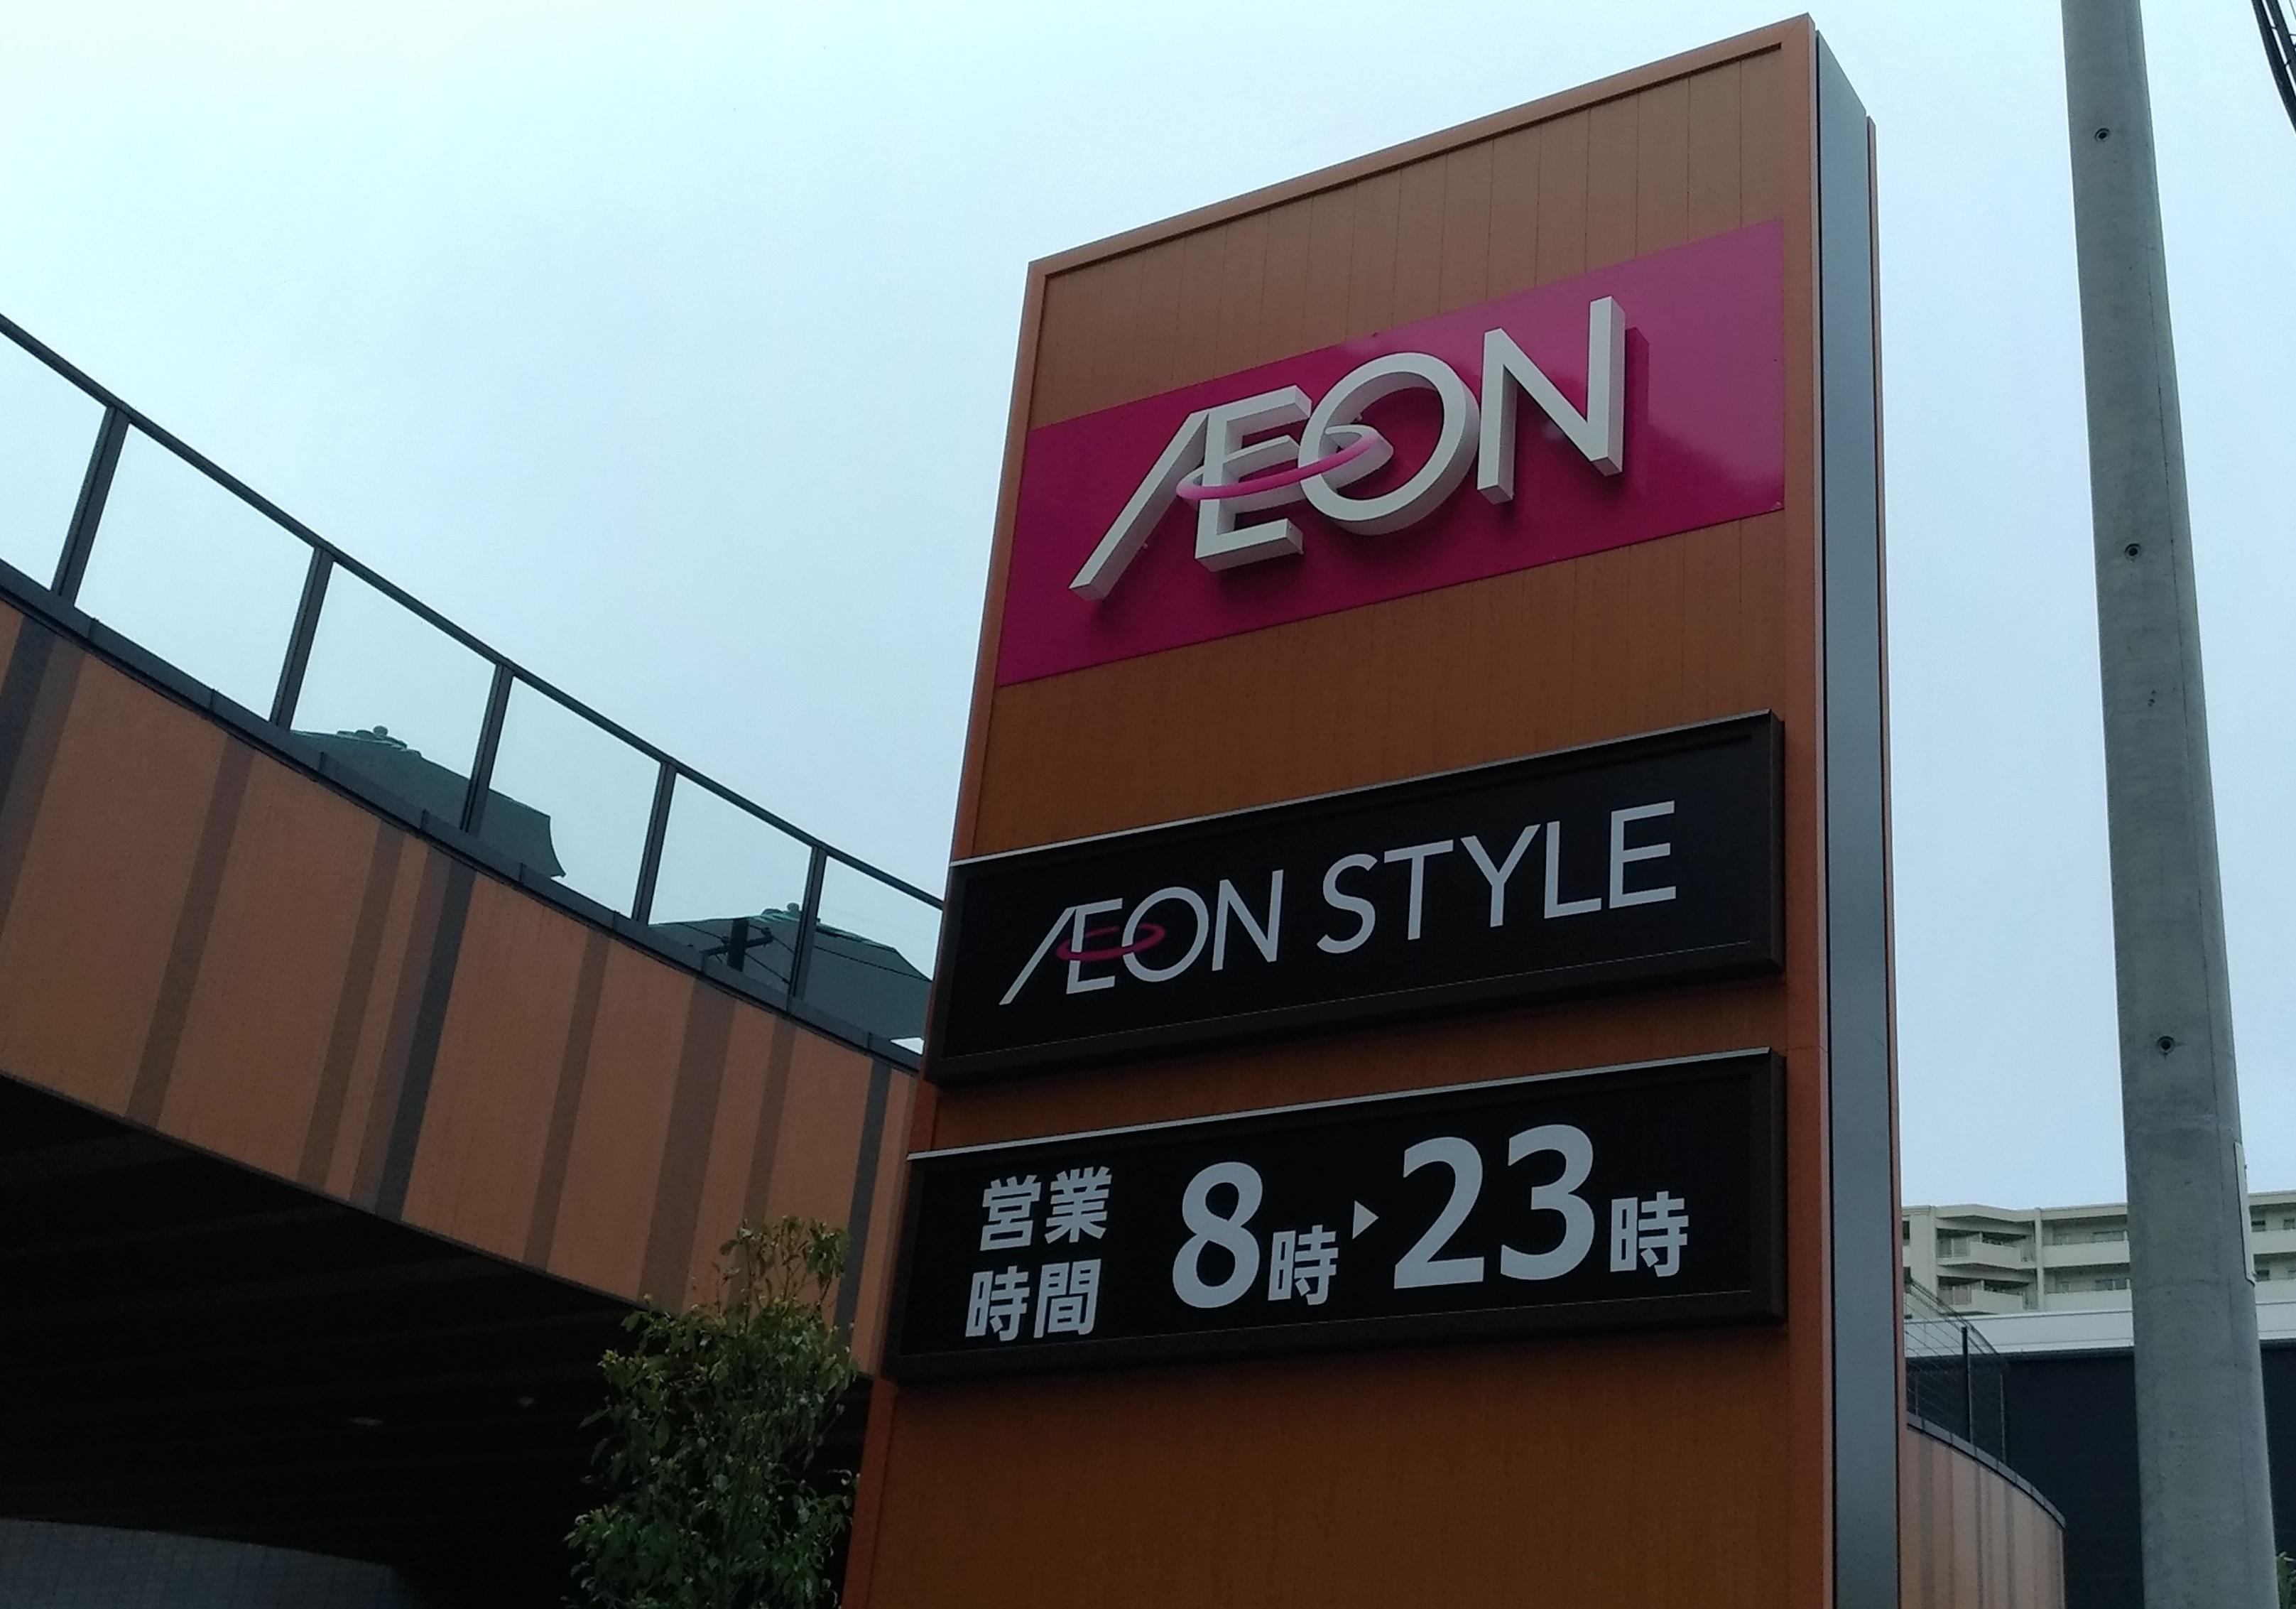 aeon_style_osaka_noda_hanshin_.jpg